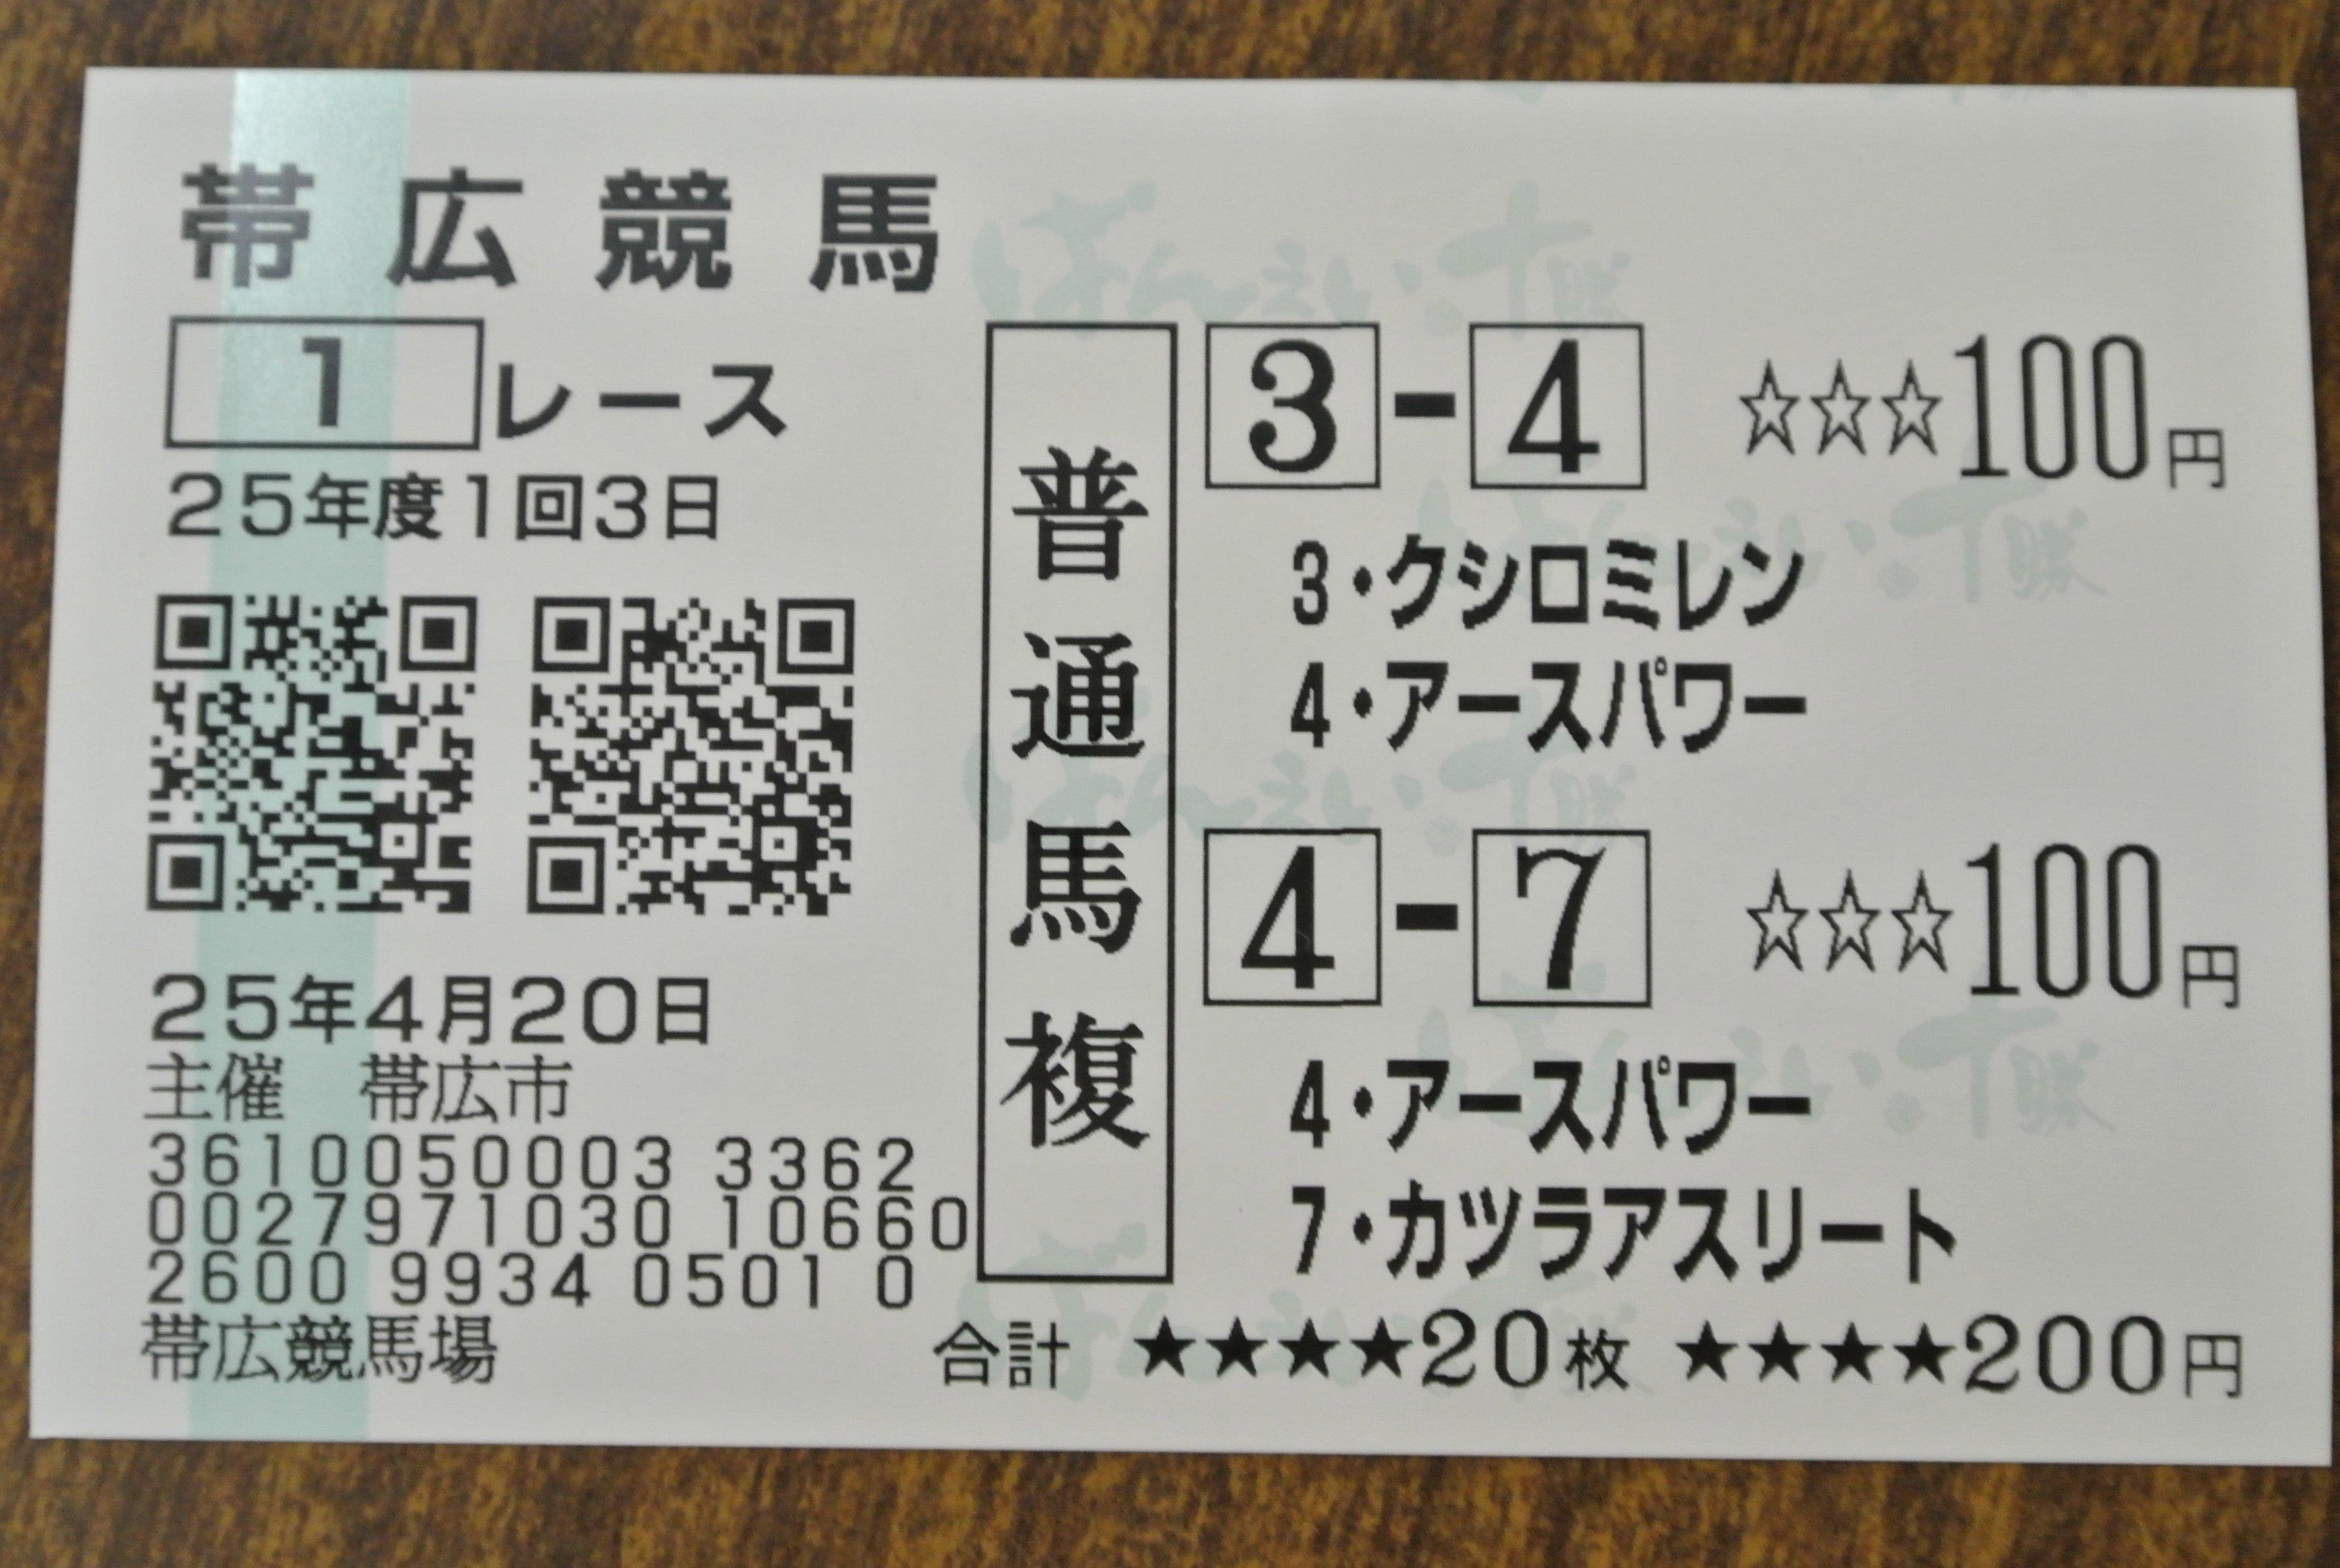 地名が入った投票券、旅の土産として面白いかも。